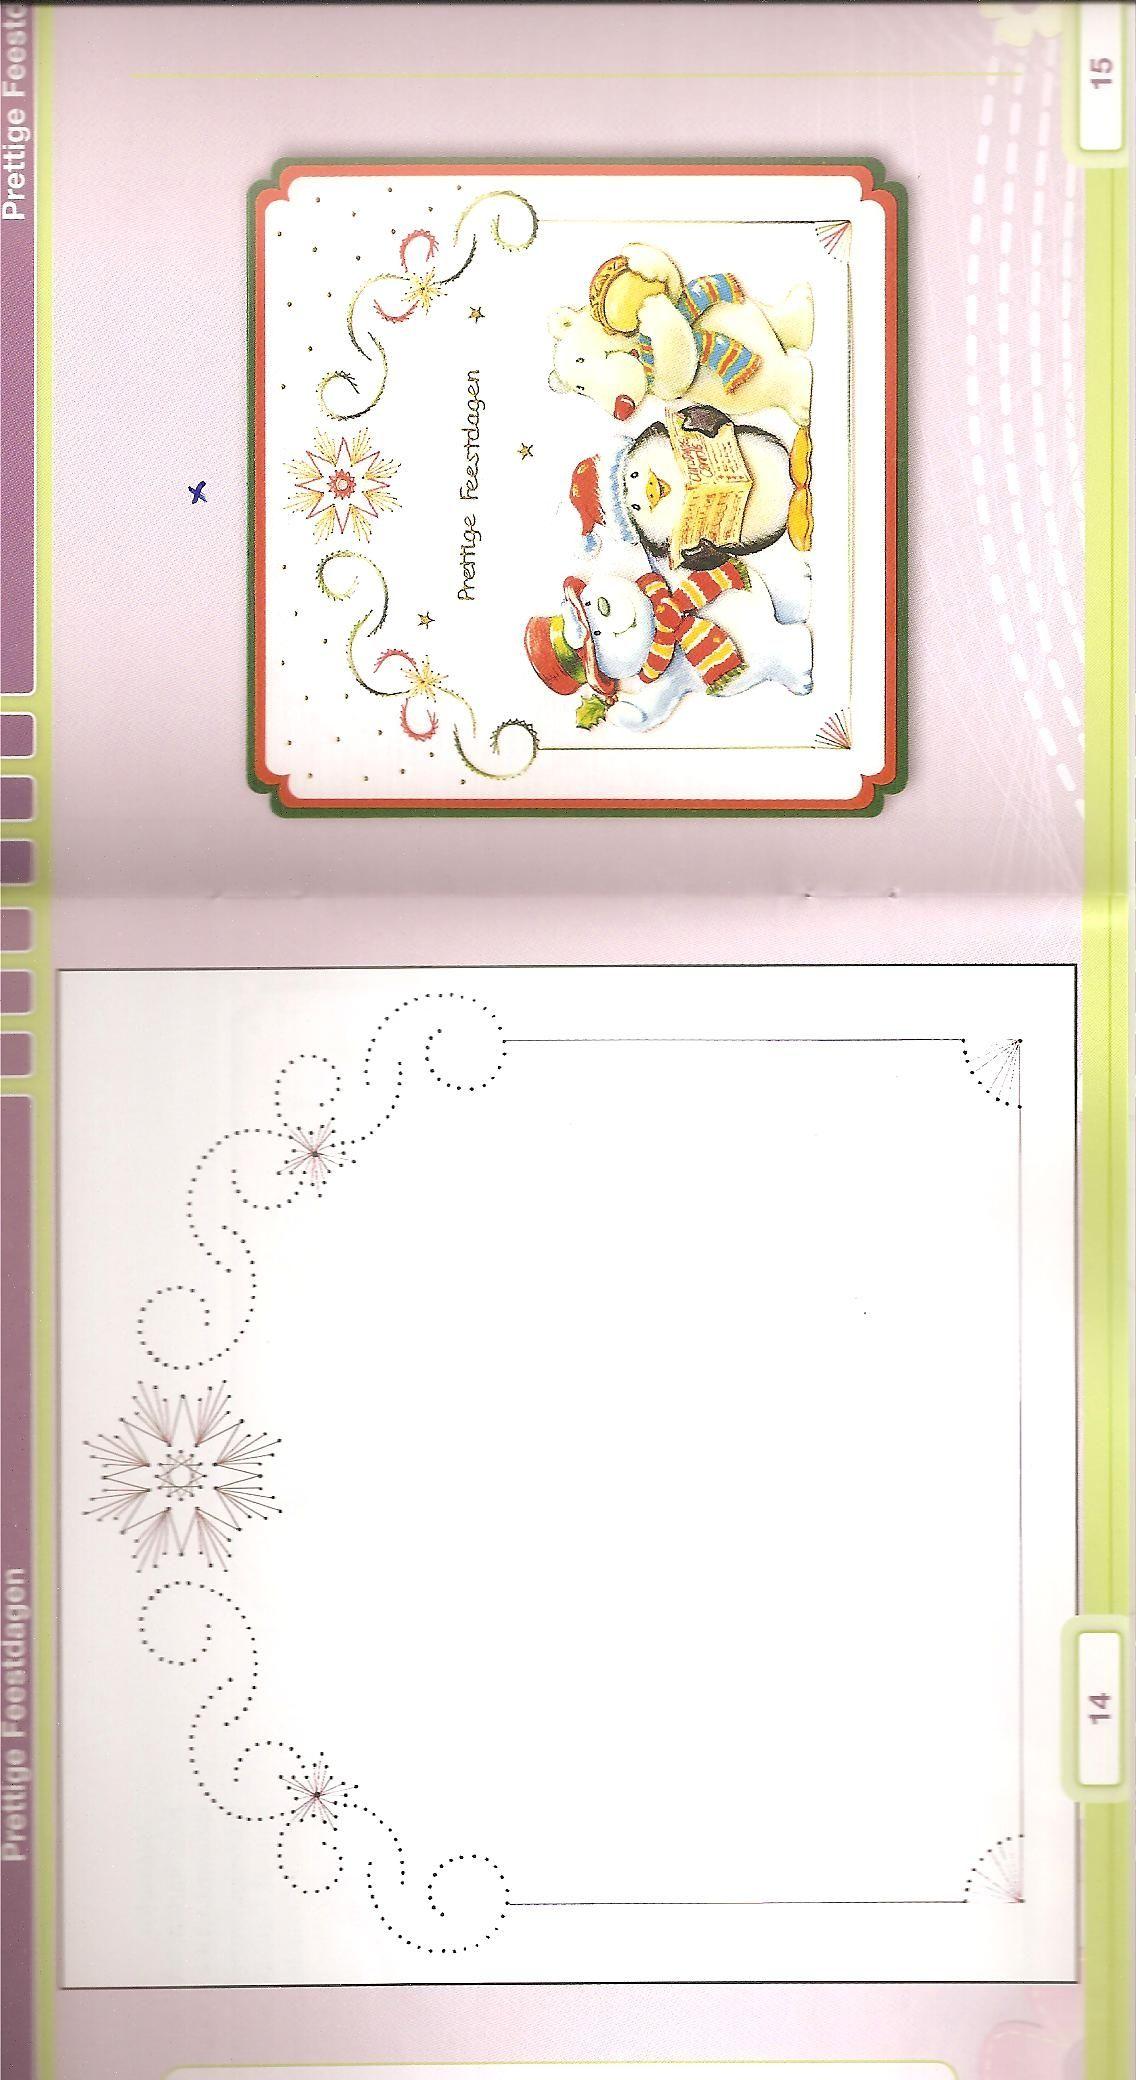 Pin de biki biki en 2D slike | Pinterest | Tarjetas, Bordado y ...